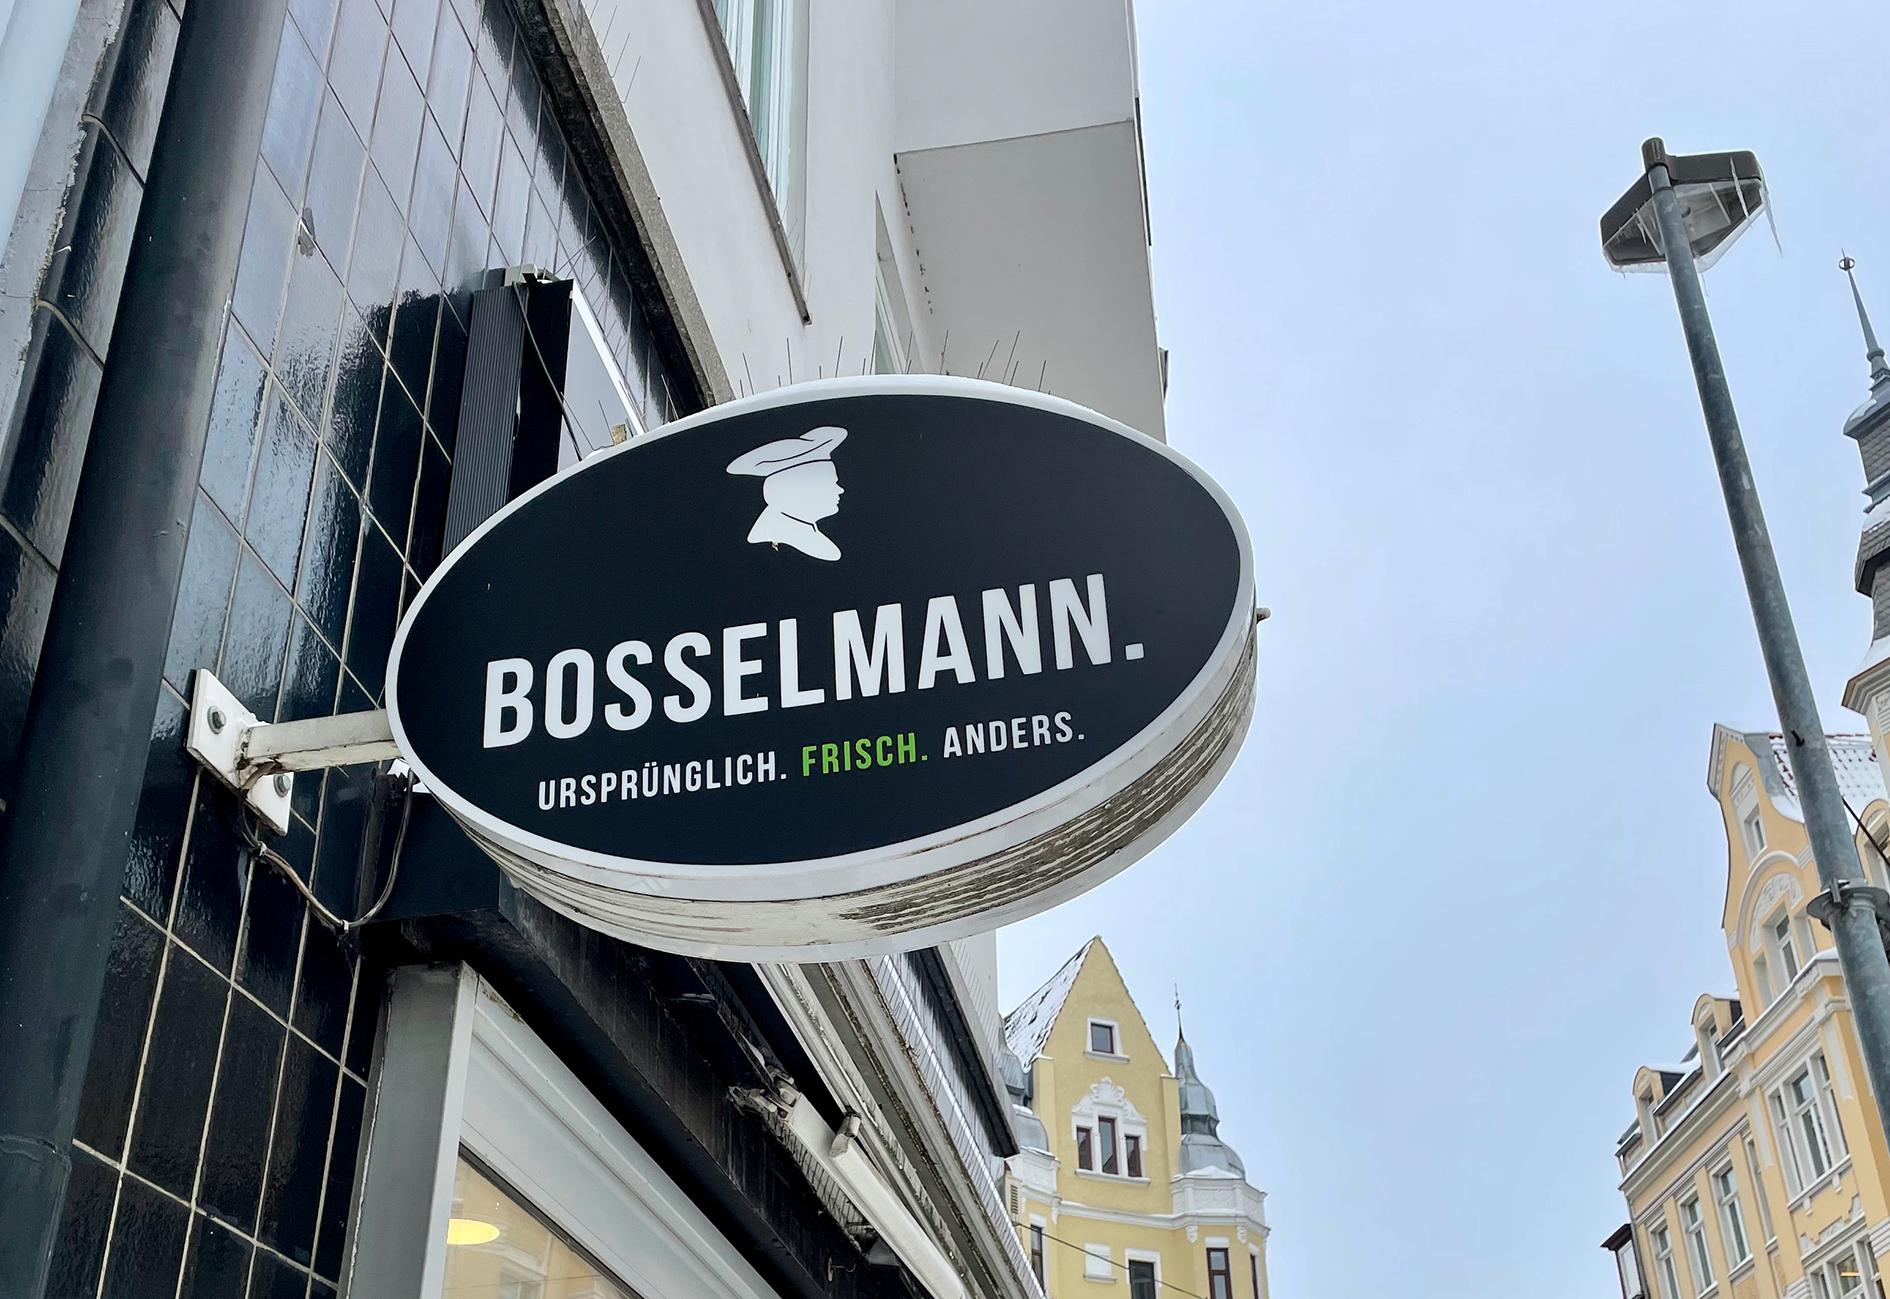 Bosselmann verkauft